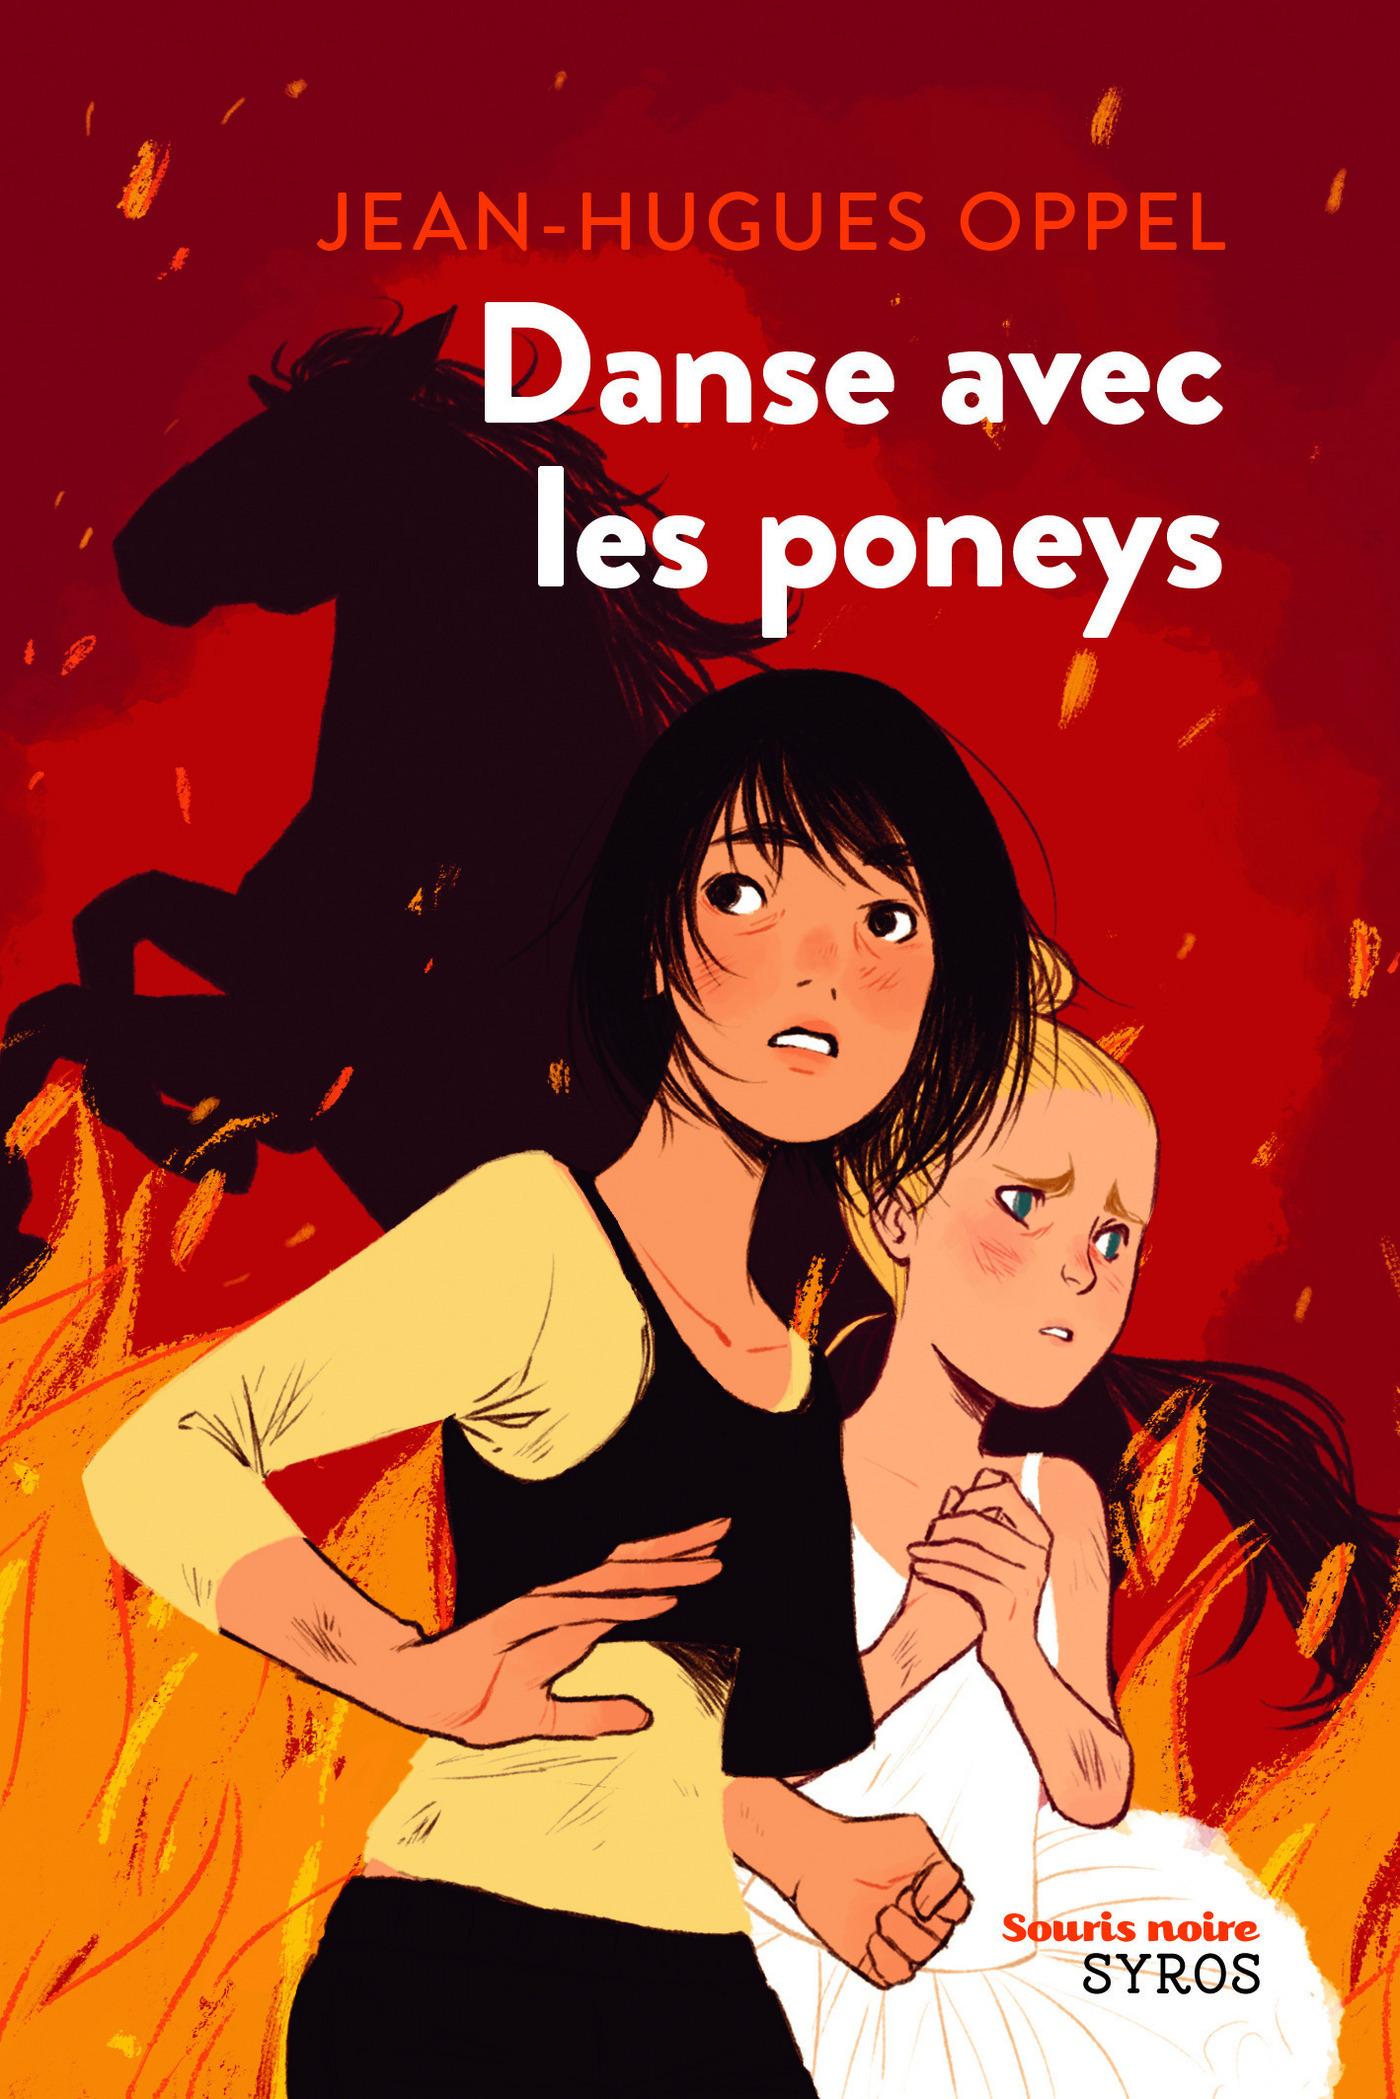 Danse avec les poneys